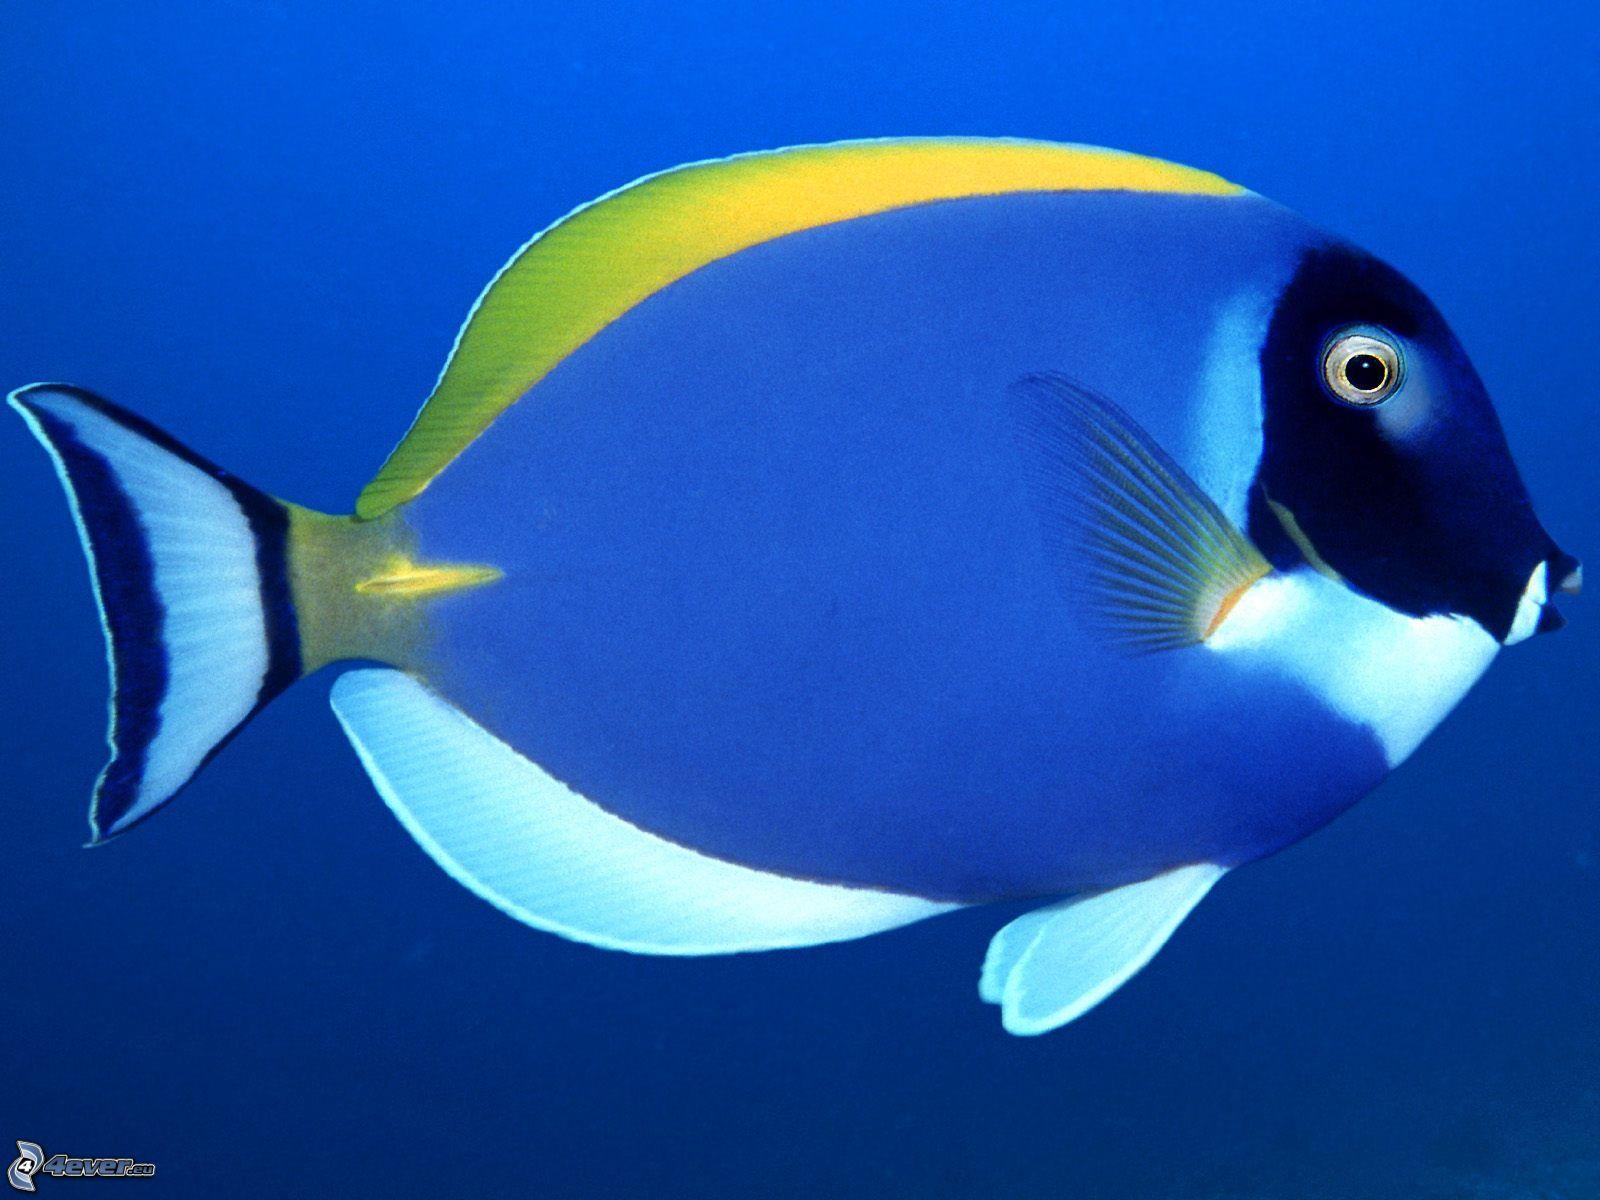 Télécharger l'image Téléchargement libre Télécharger sans logo ...: images.4ever.eu/animaux/vie-aquatique/poisson-bleu-149499